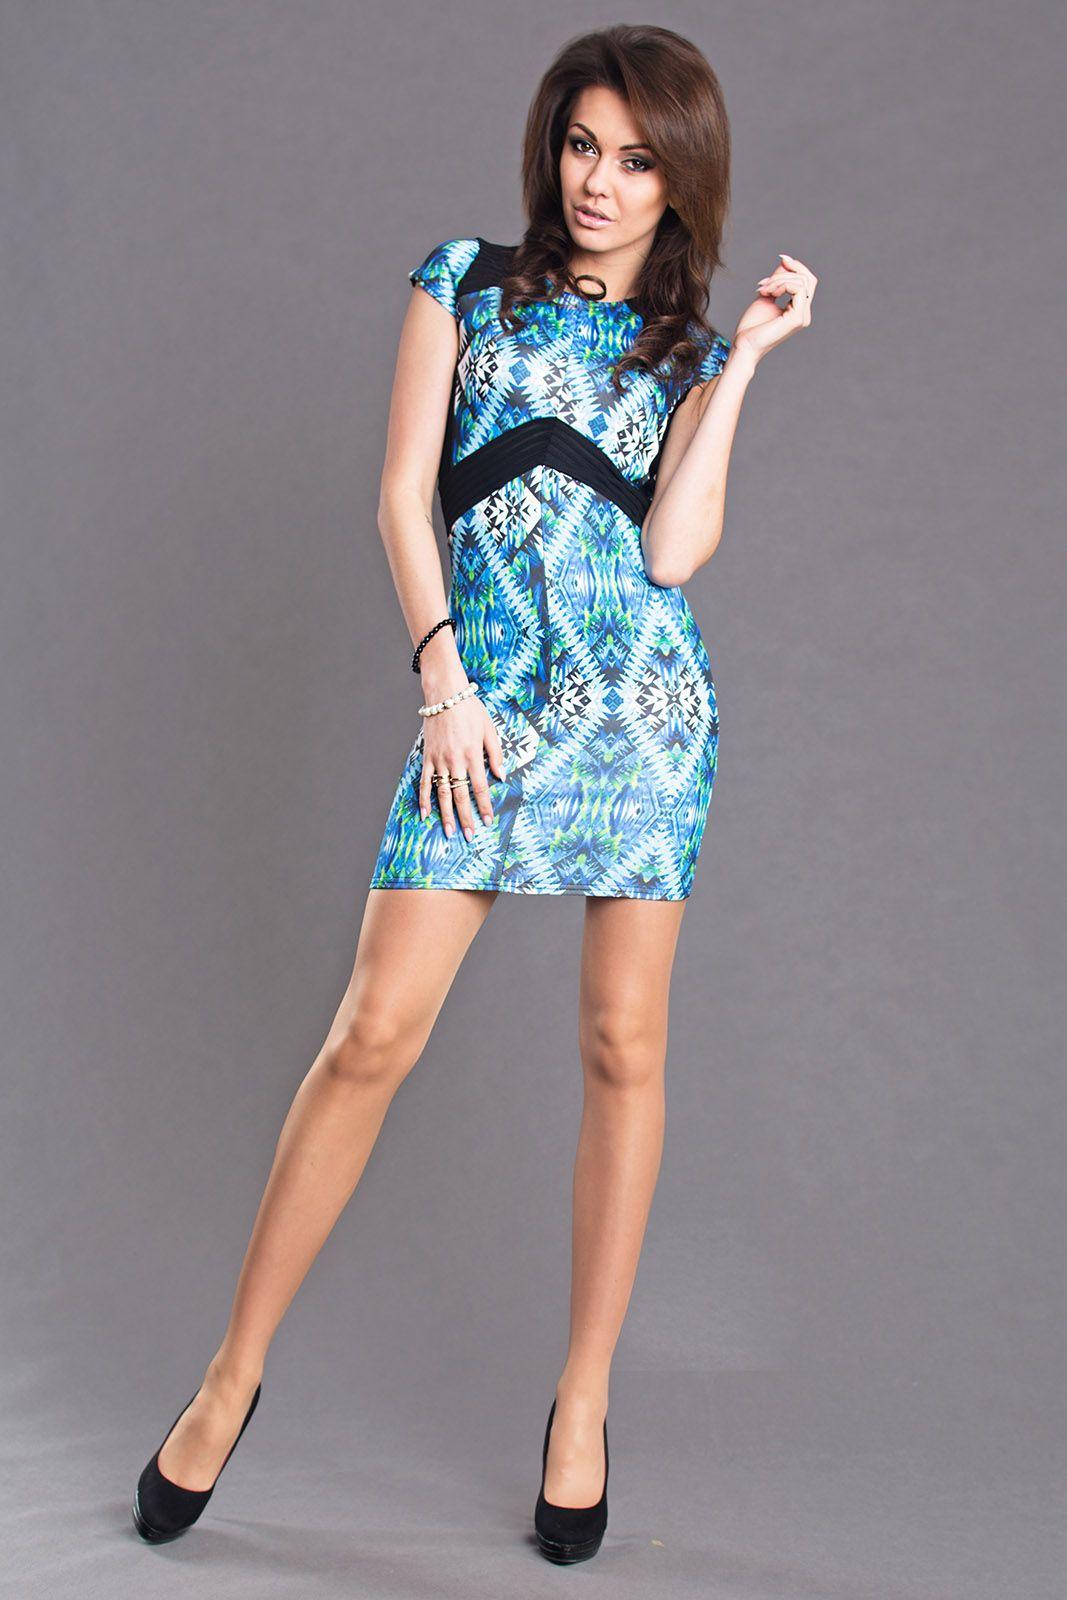 AYANAPA Sukienka 6685 niebieska r. L (6106) 807006106145 Kleitas sievietēm